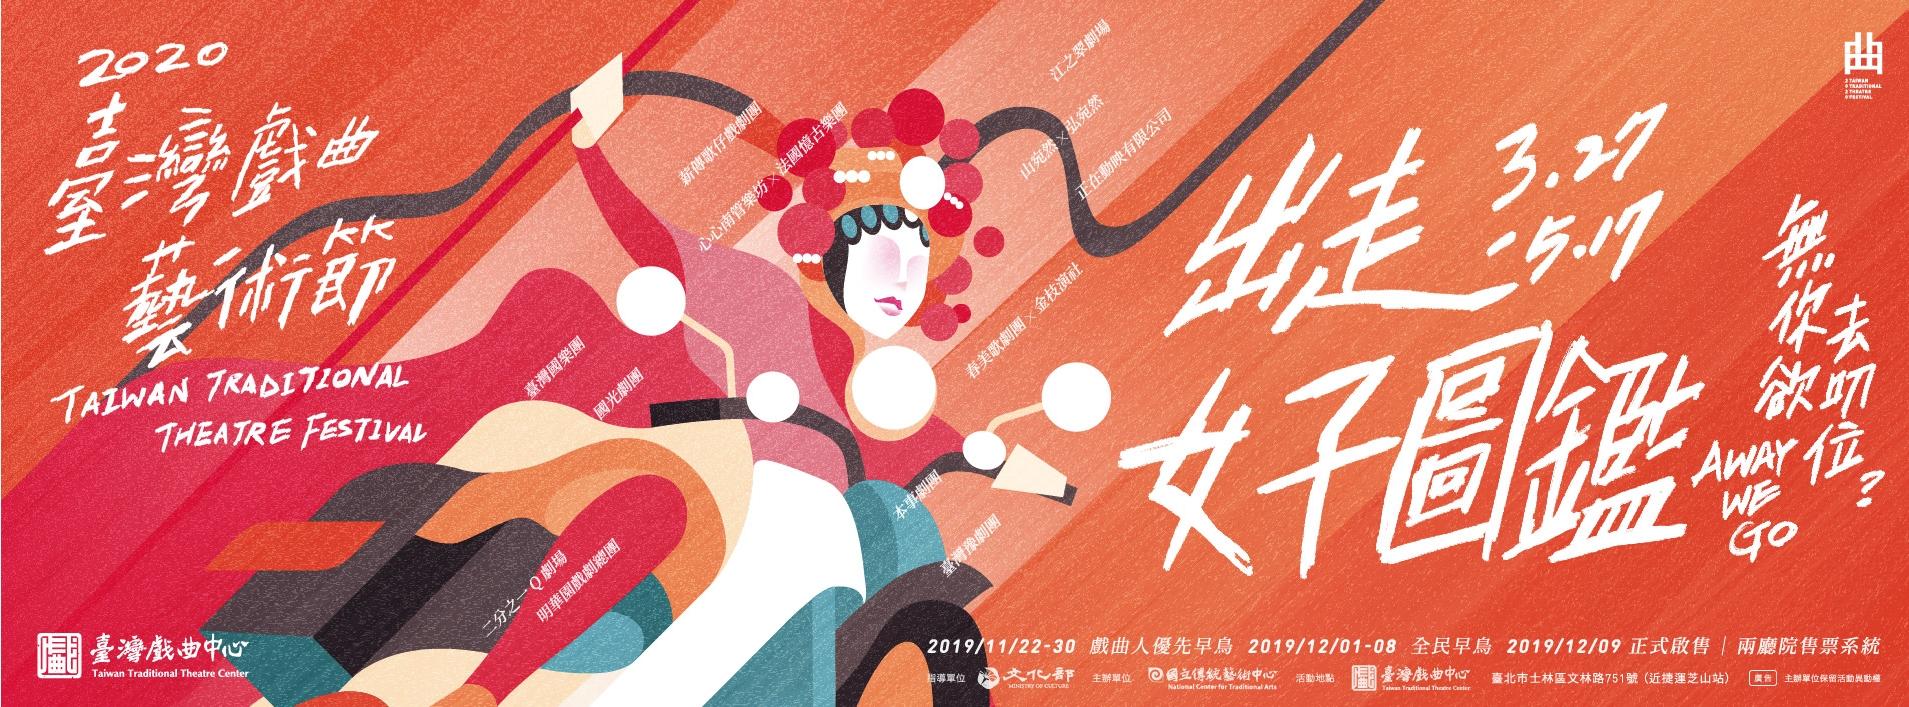 2020臺灣戲曲藝術節「另開新視窗」